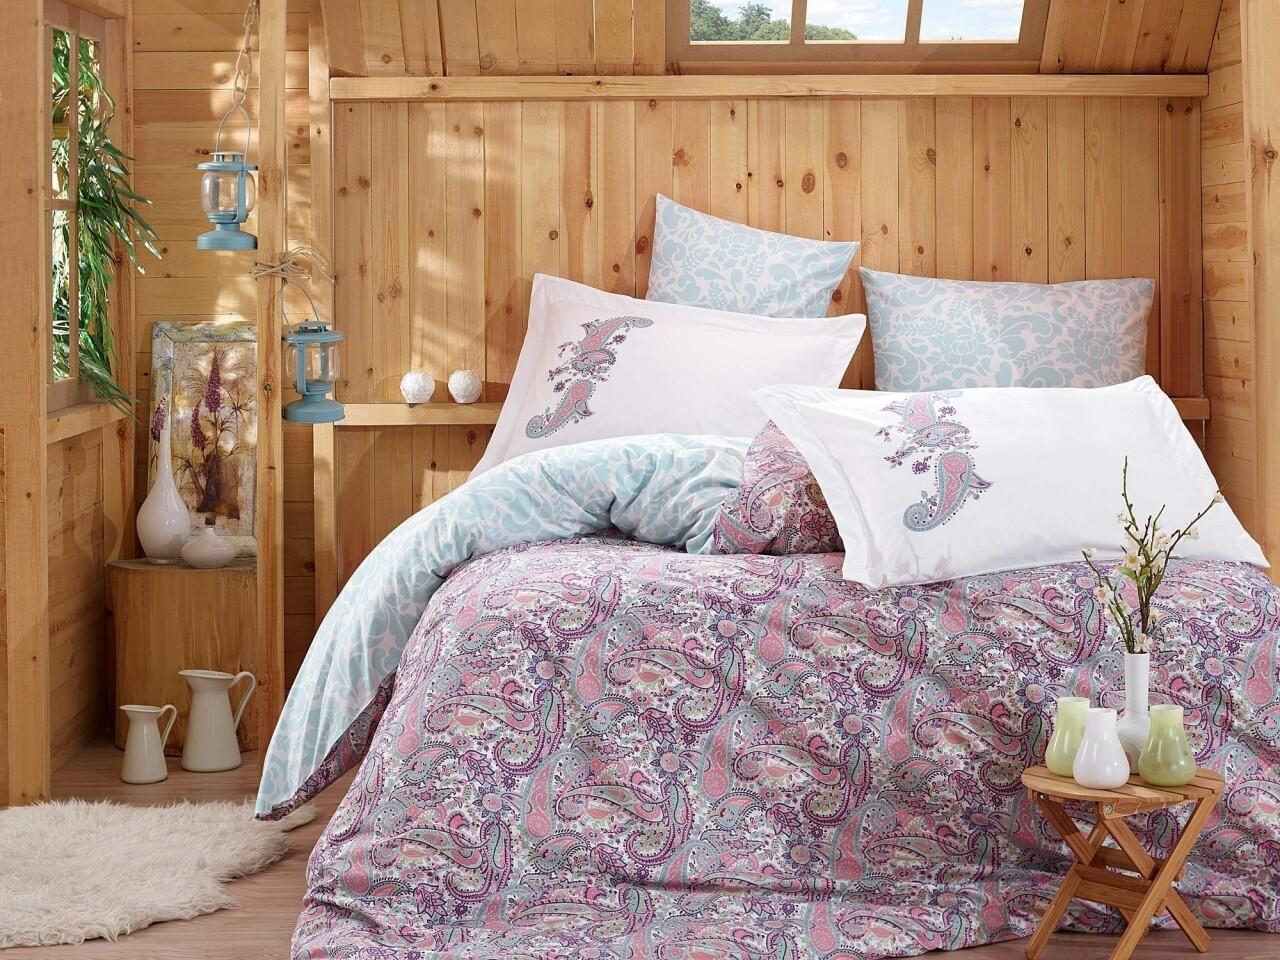 Lenjerie de pat pentru o persoana, 3 piese, 100% bumbac poplin, Hobby, Giulia Lilac, multicolora